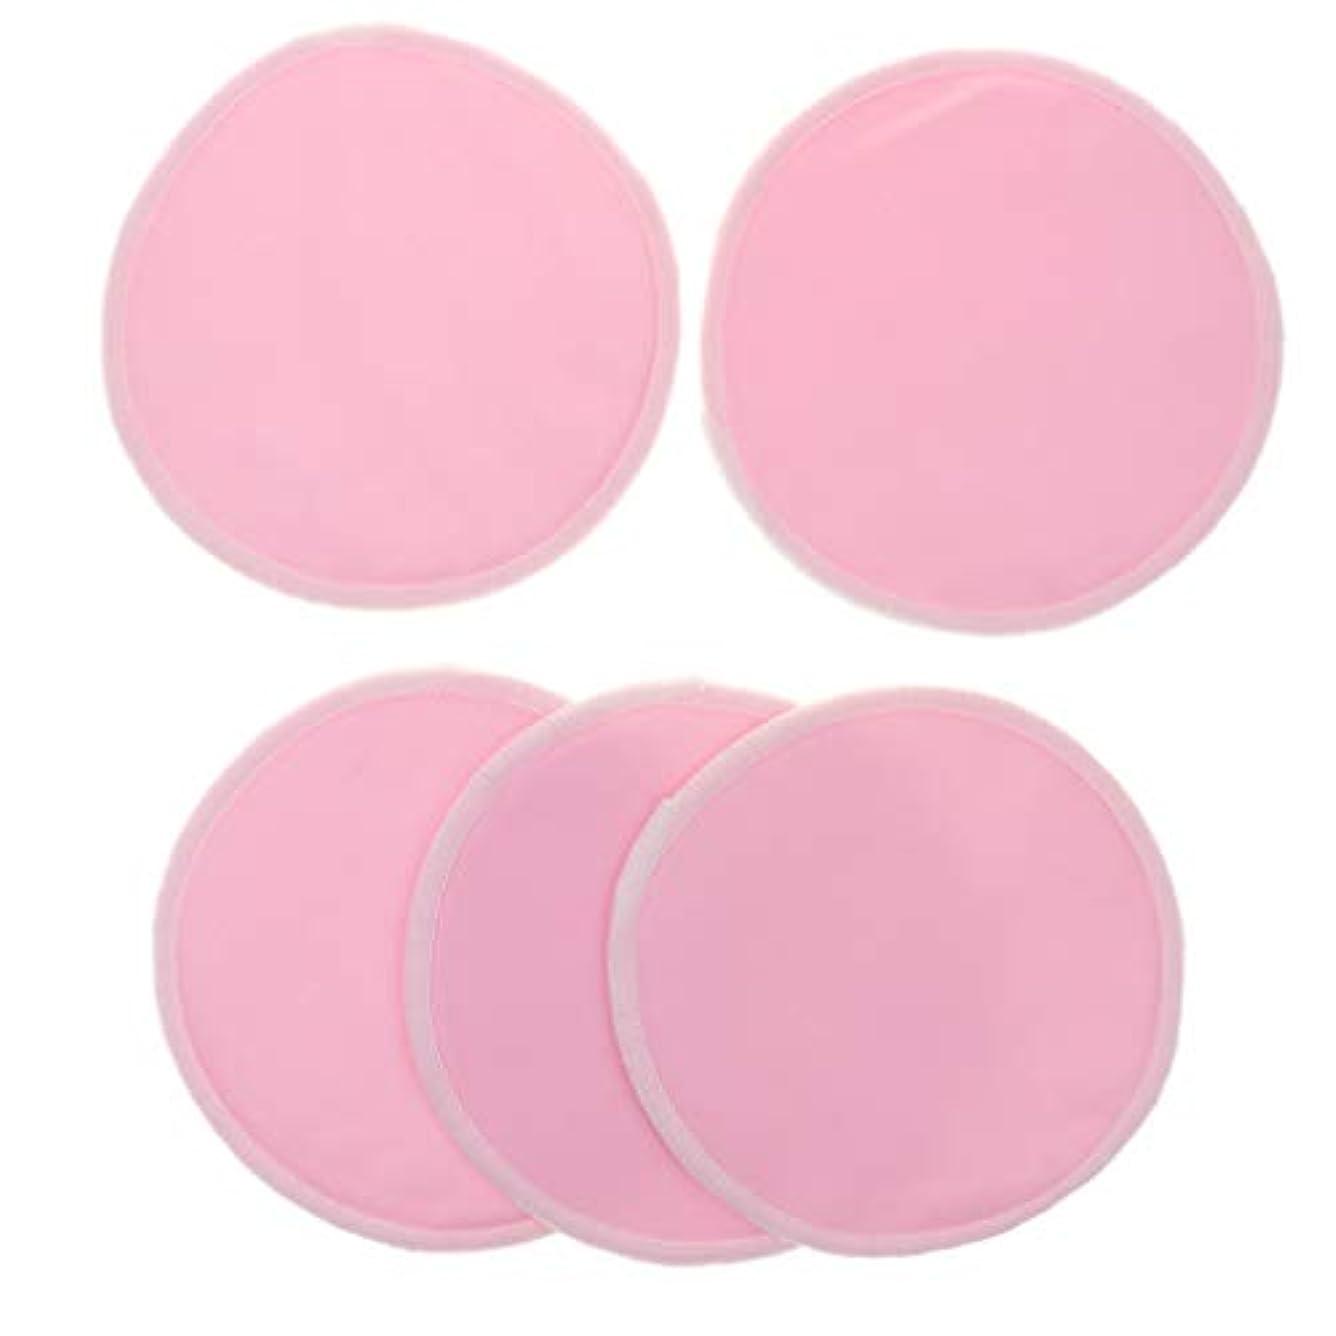 B Blesiya 12cm 胸パッド クレンジングシート 化粧水パッド 竹繊維 円形 洗える 通気性 5個 全5色 - ピンク